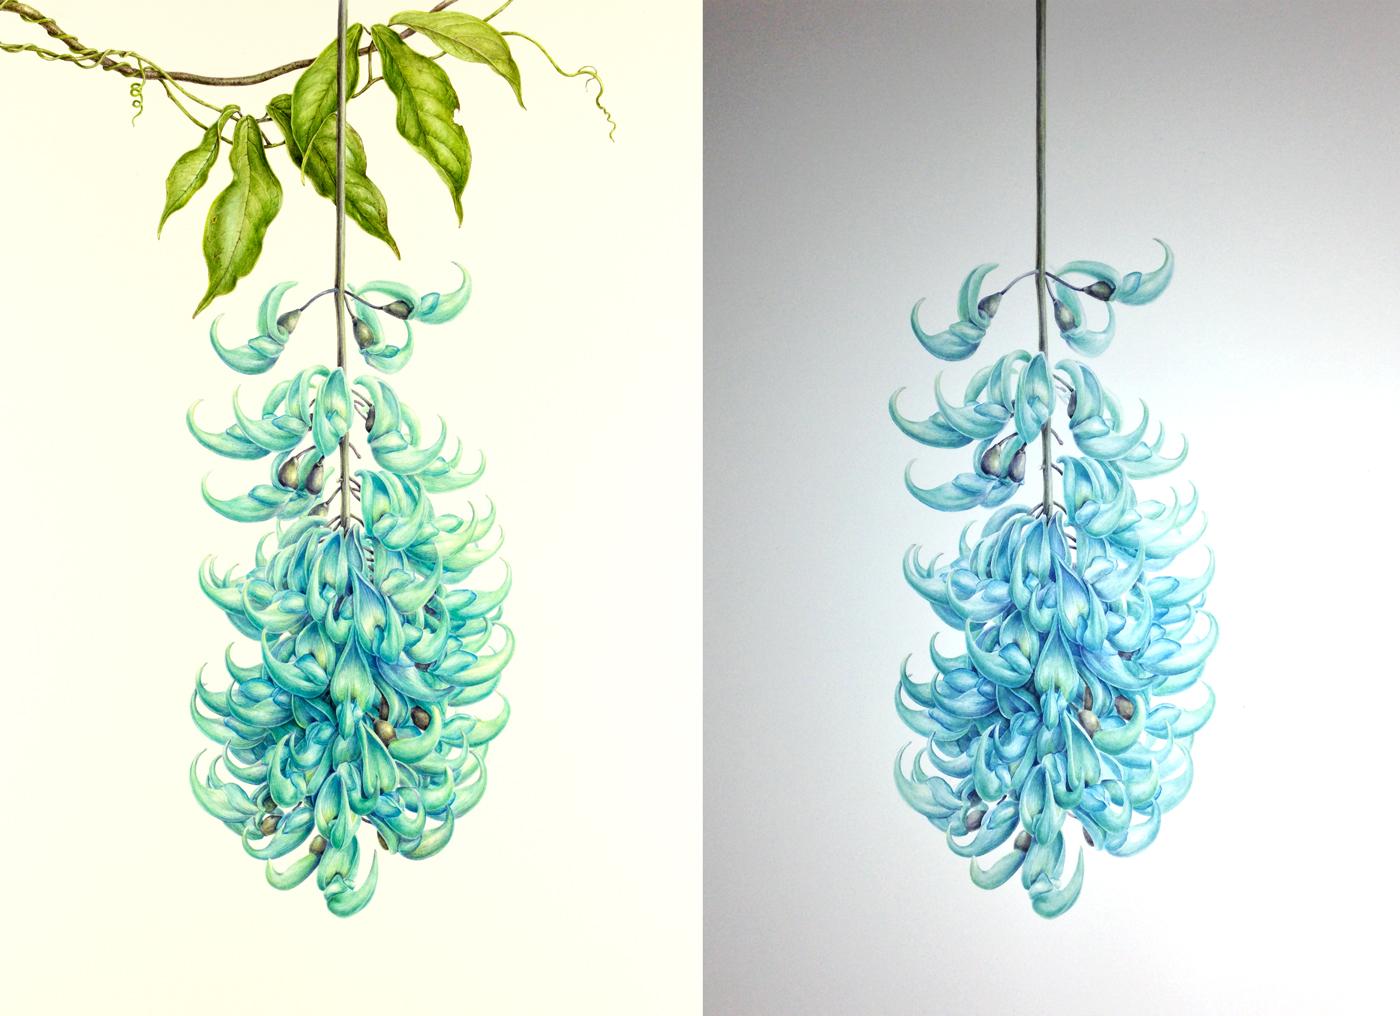 Jade vine painting photograph comparison